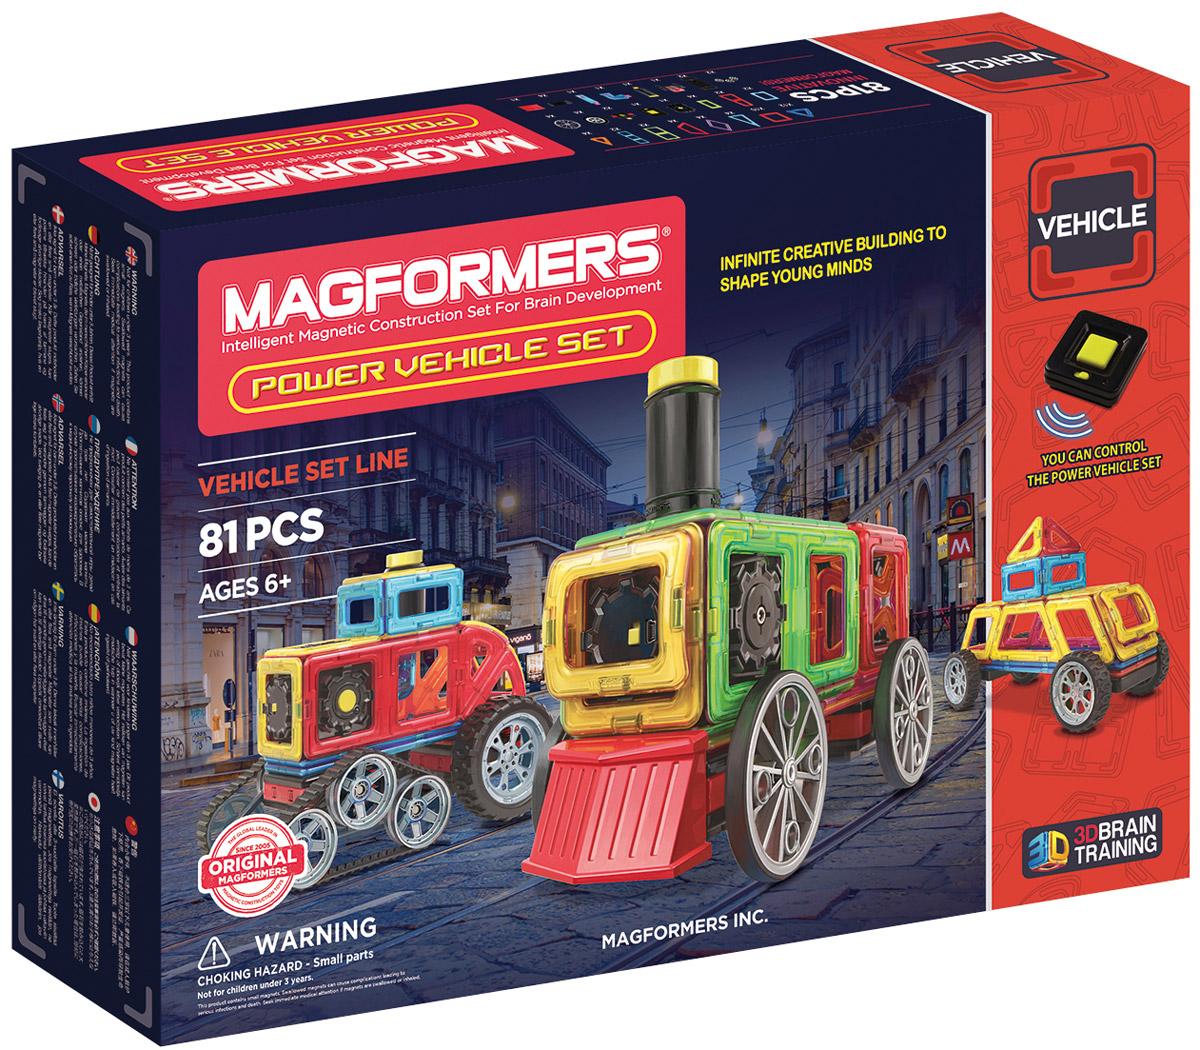 Magformers Магнитный конструктор Power Vehicle Set707011Набор Маgformers Power Vehicle станет идеальным подарком для юных механиков. В нем представлены три вида колес: гусеницы, большие колеса, паровозные колеса. Кроме того, в комплект входят моторный блок, разнообразные поршни и коннекторы, чтобы привести постройки в движение! С Маgformers Power Vehicle Set ребенок сможет сконструировать самые разнообразные виды транспорта - от паровозы до гоночного автомобиля. В набор также входит пульт дистационного управления, благодаря собранные мадели смогут учавствовать в гонках. Набор Magformers Power Vehicle содержит 81 элемент: треугольник 12 шт. равнобедренный треугольник х 4 шт. квадрат х 10 шт. прямоугольник х 8 шт. суперпрямоугольник х 2 шт. мини-прямоугольник х 4 шт. ромб х 4 шт. трапеция х 4 шт. супер-трапеция х 2 шт. мини-сектор х 4 шт. мини-арка х 2 шт. клик-колеса х 2 шт. крыло колеса х 1 шт. новое большое колесо х 4 шт. новые гусеничные колеса х 2 шт. паровозное колесо х 4 шт. тракторный...